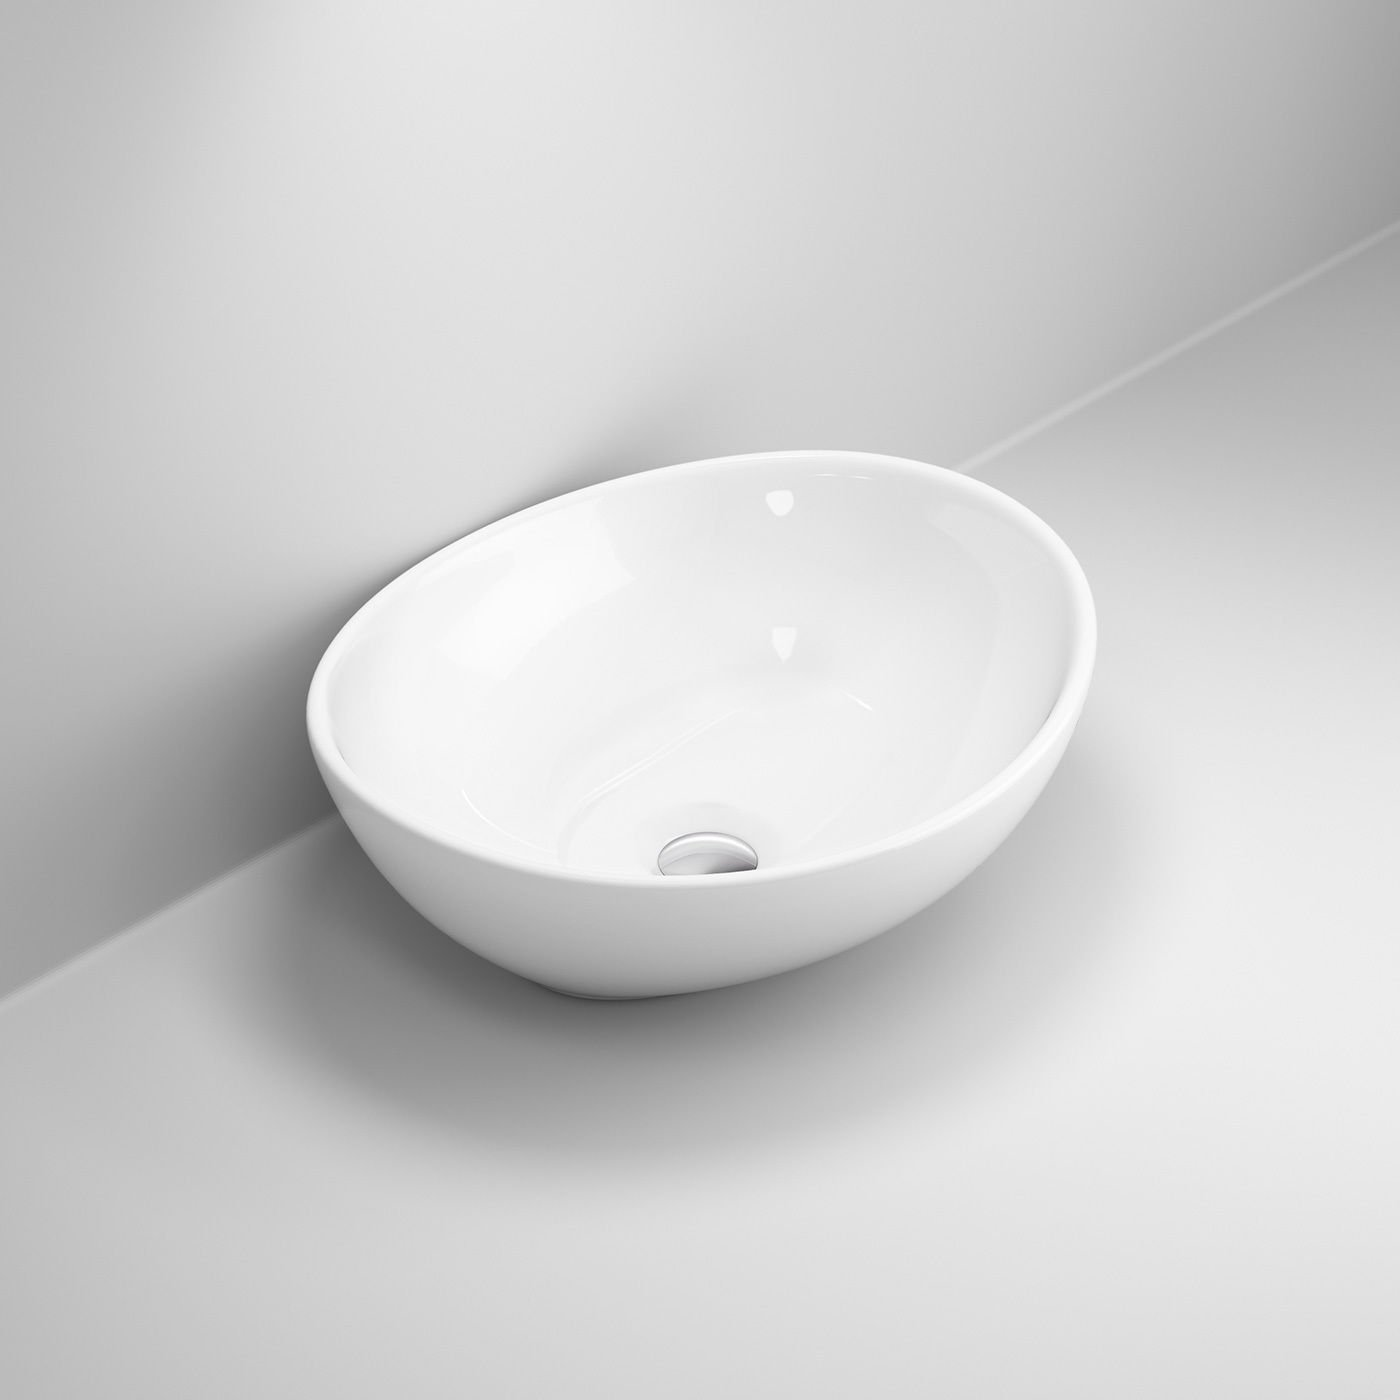 Lexonelec controsoffitto bagno rettangolare Bowl top lavabo in ceramica